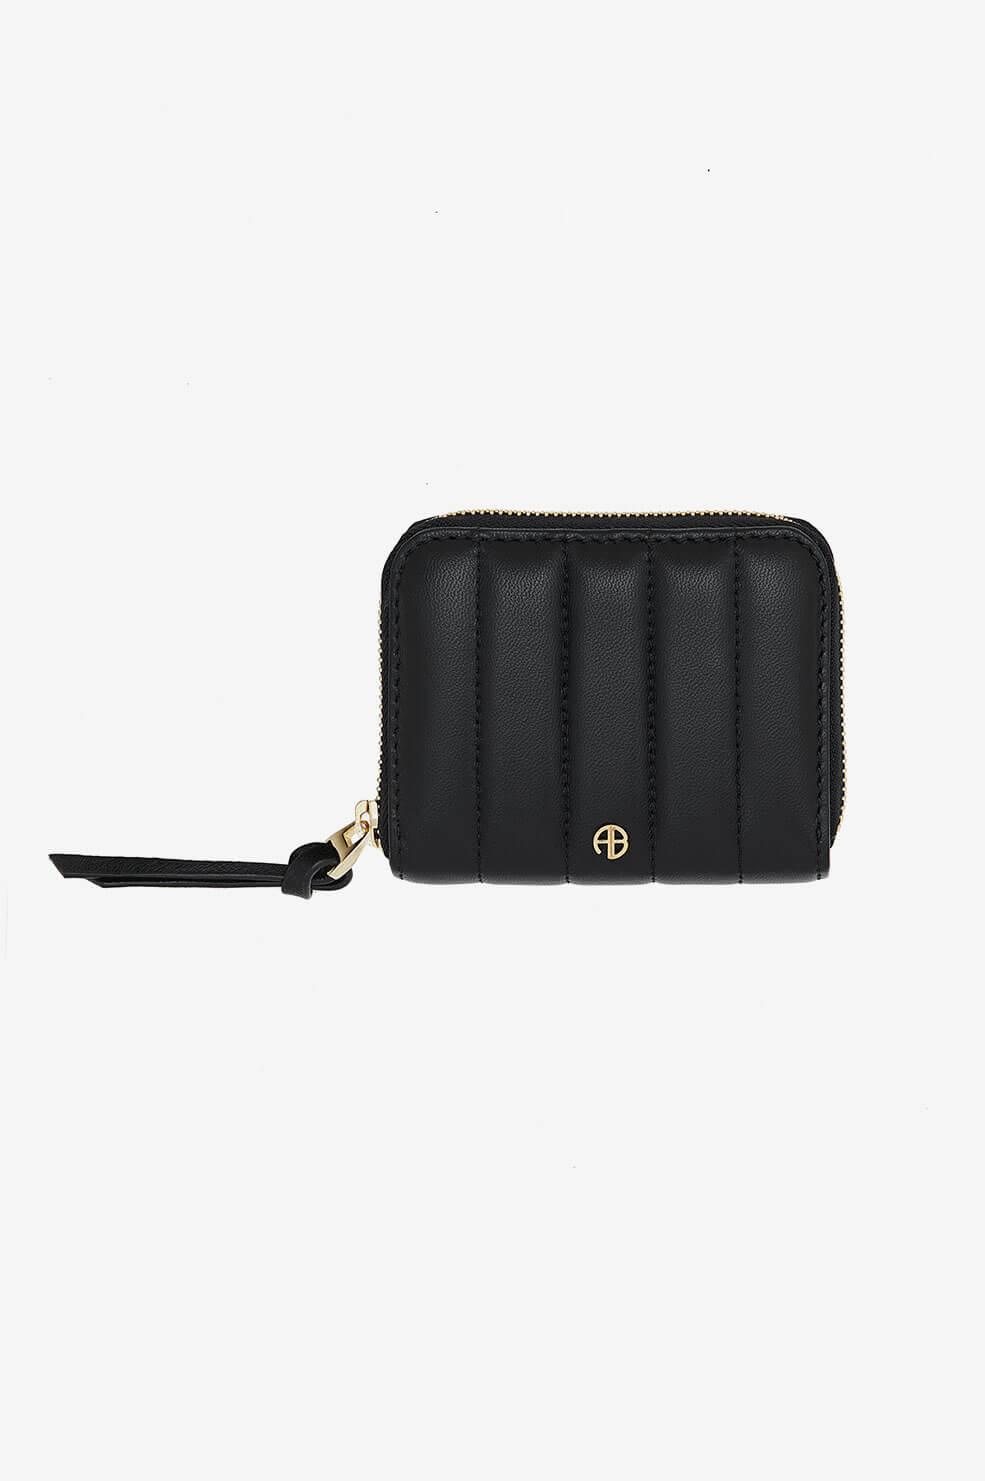 ANINE BING Nova Wallet in Black  - Black - Size: One Size